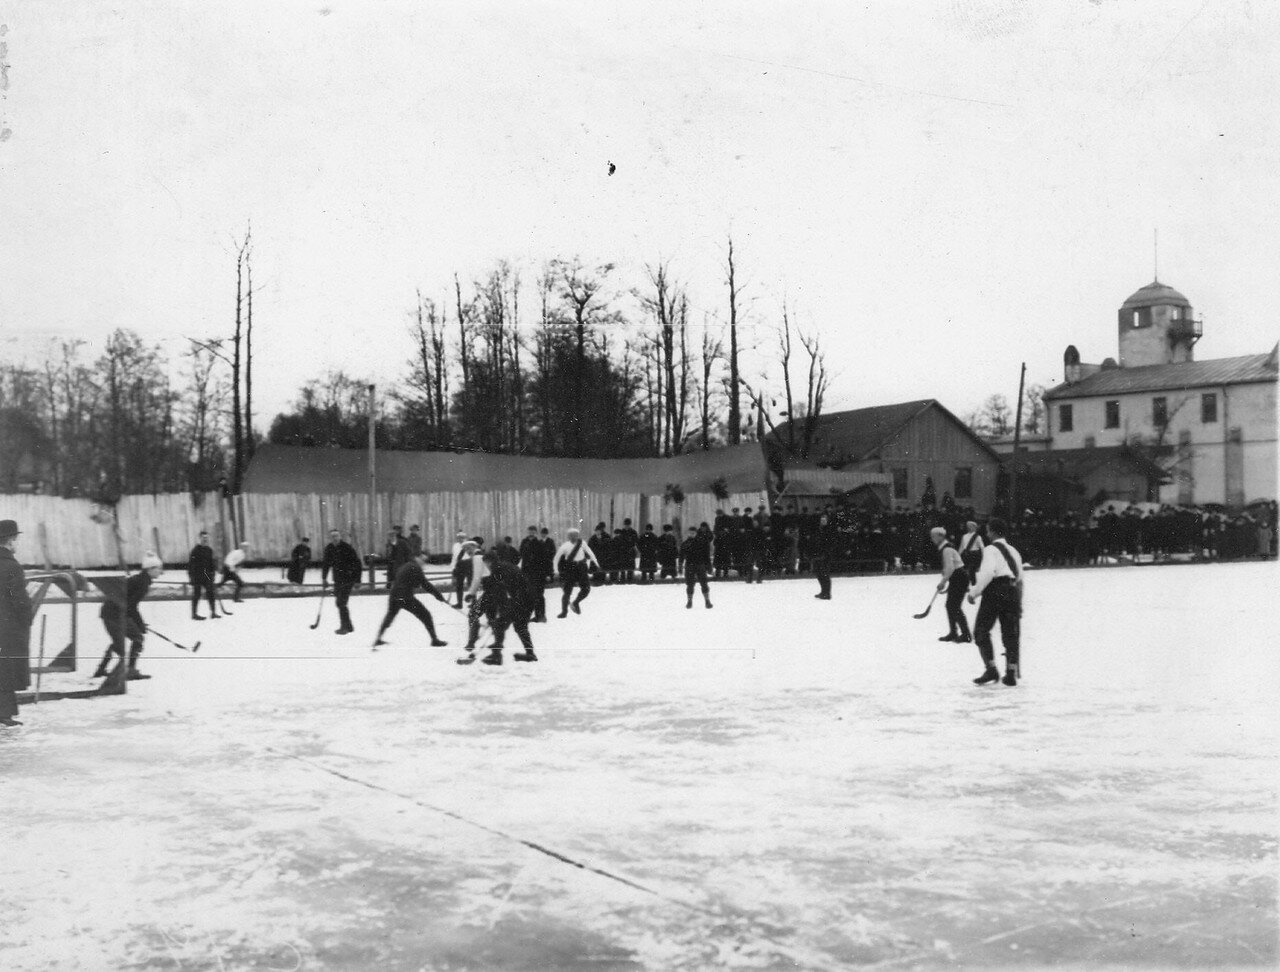 26. Состязания хоккейных команд Нева (Англия) и Нарва (Россия) на Крестовском острове. 28 февраля 1910